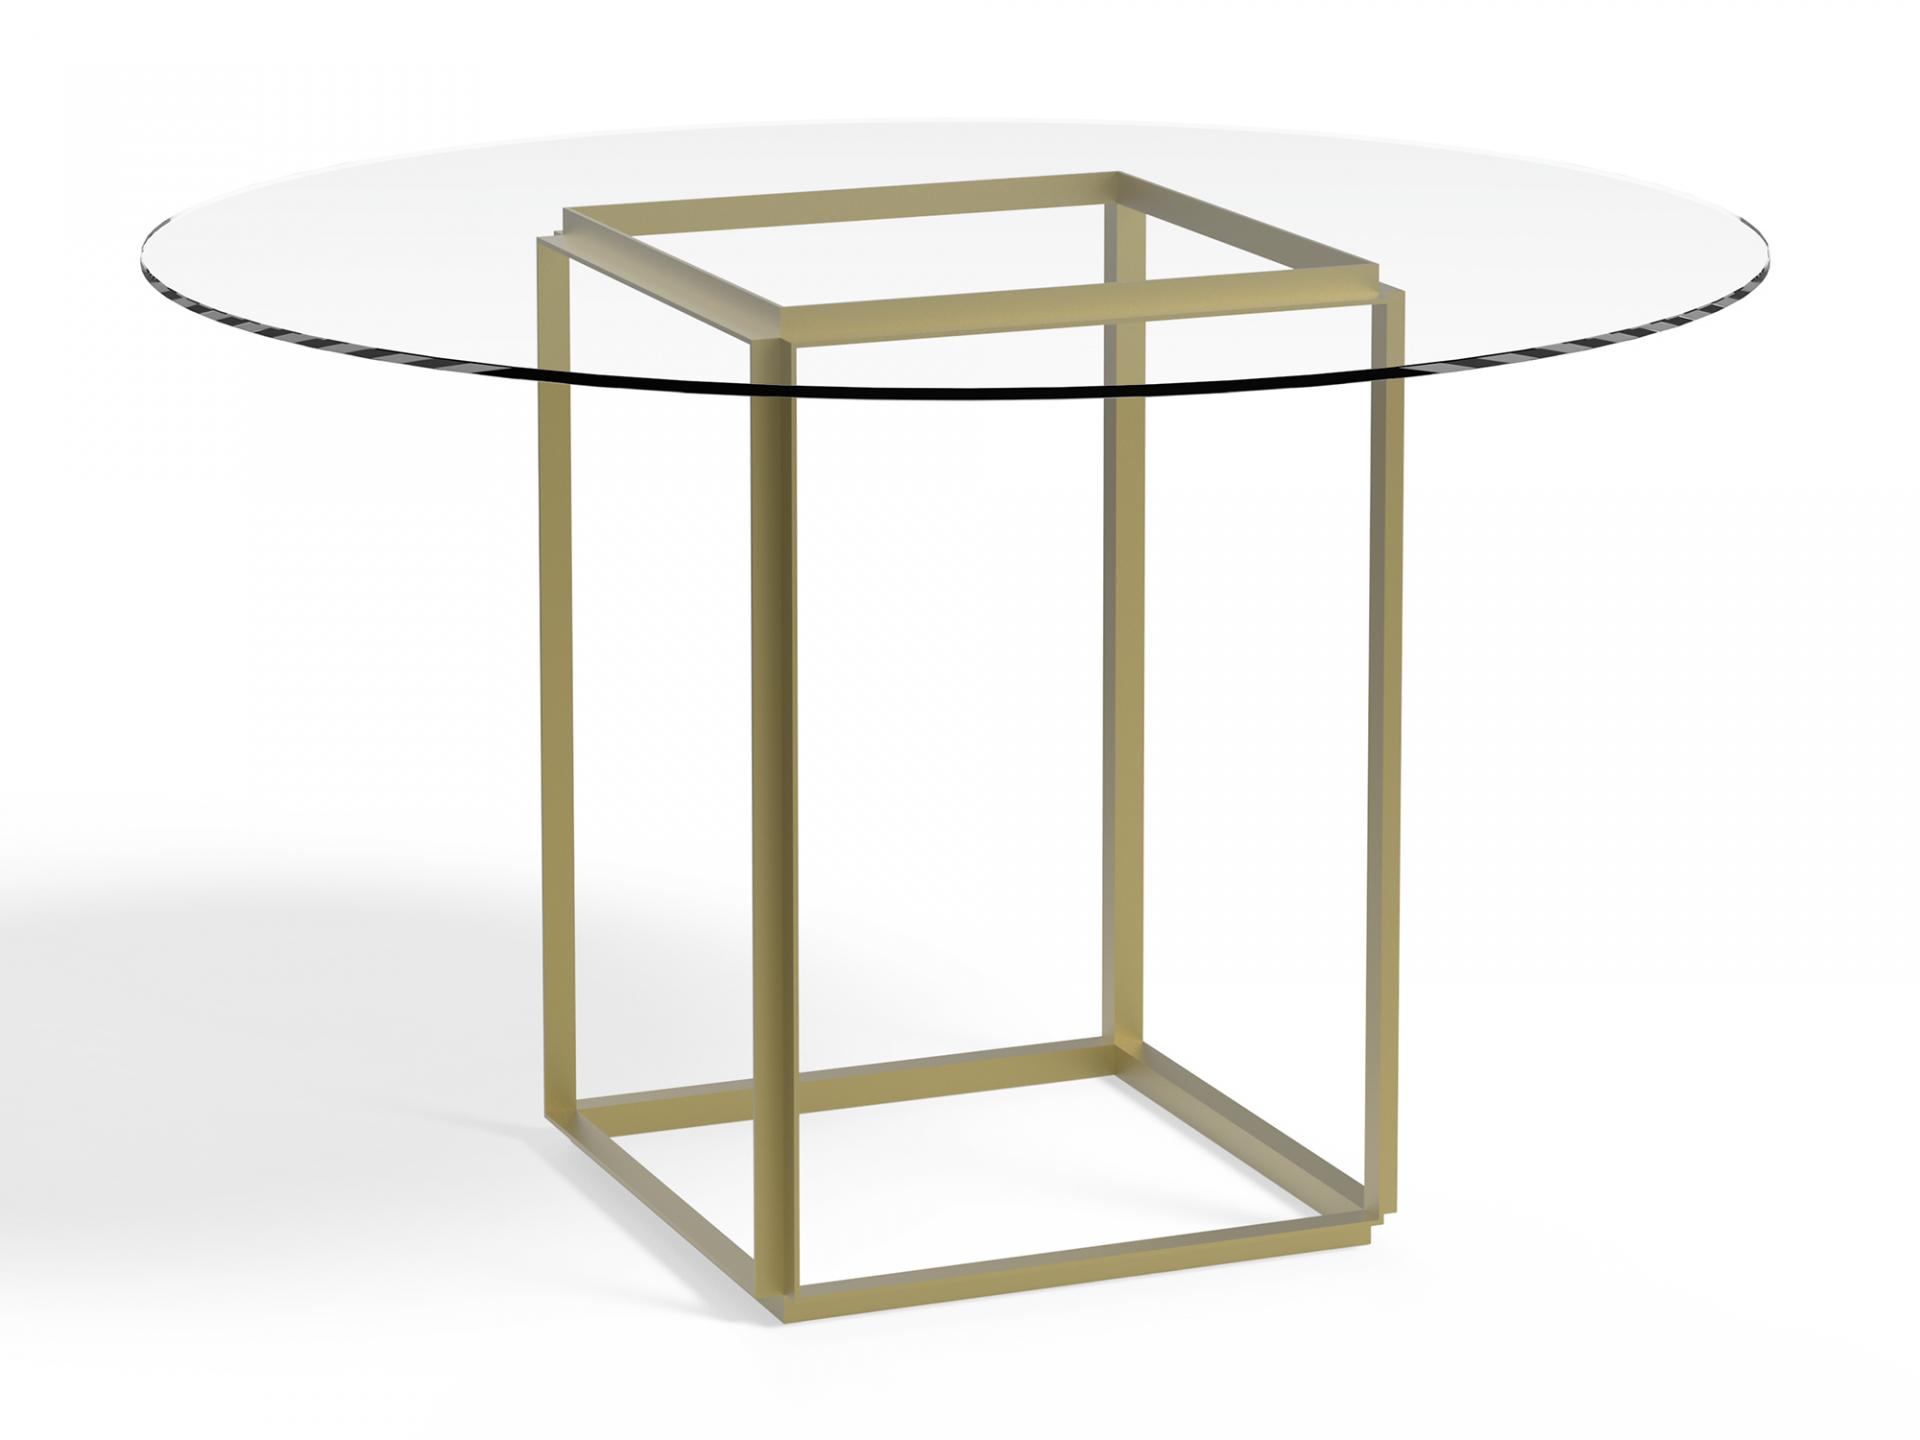 New Works designové jídelní stoly Florence Dining Table (průměr 120 cm)